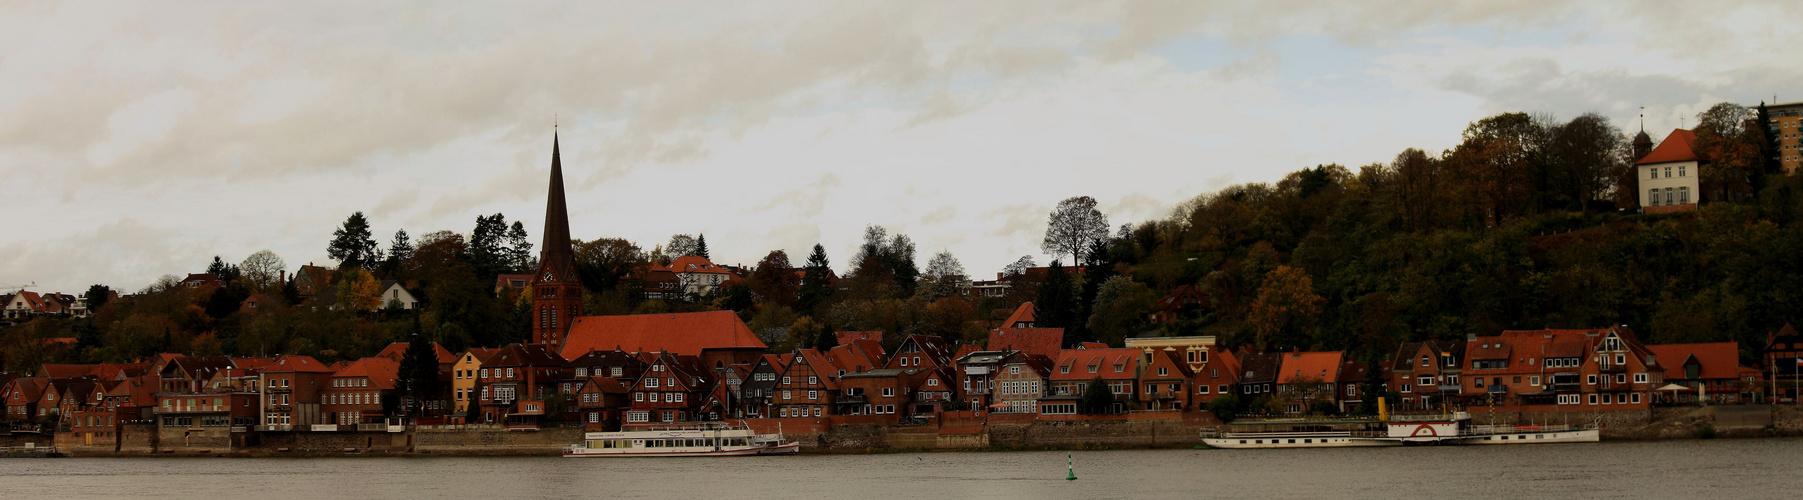 Blick auf die Alstadt von Lauenburg (Elbe)